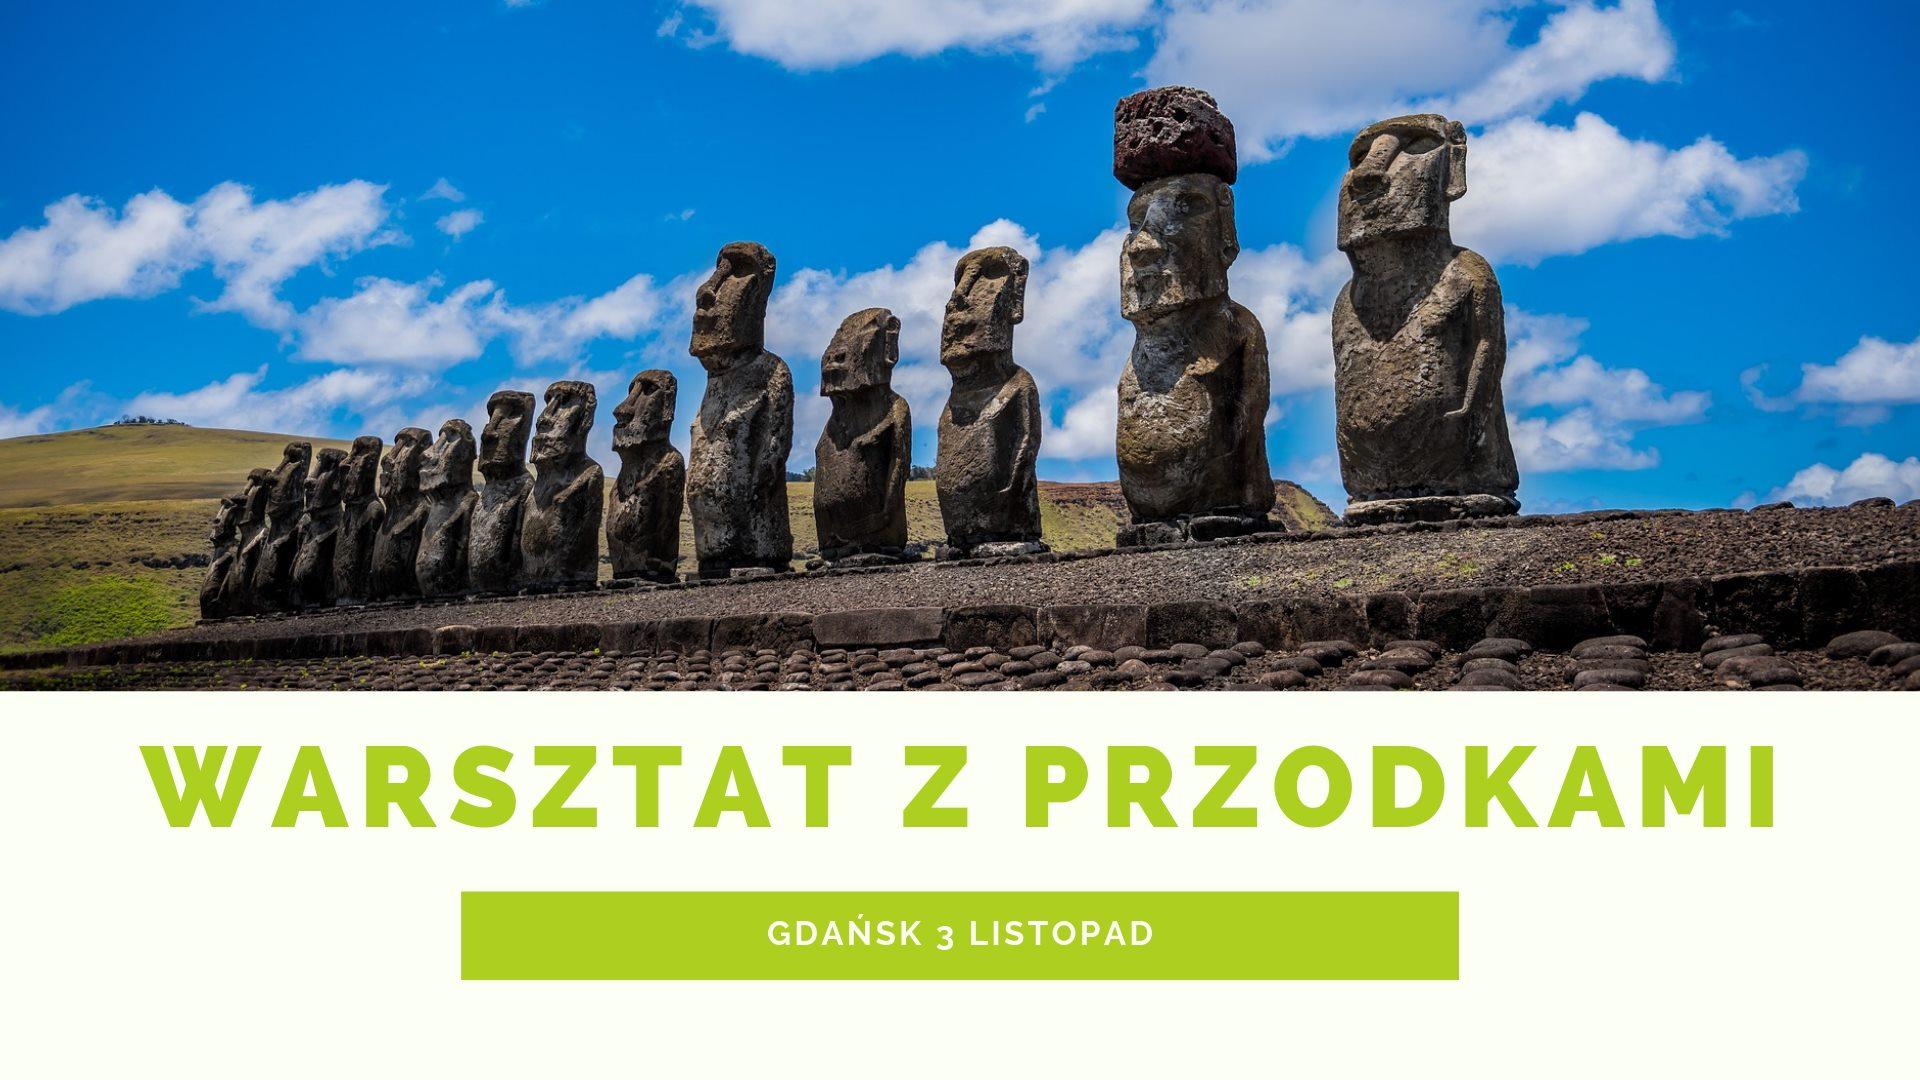 Warsztat z Przodkami w Gdańsku